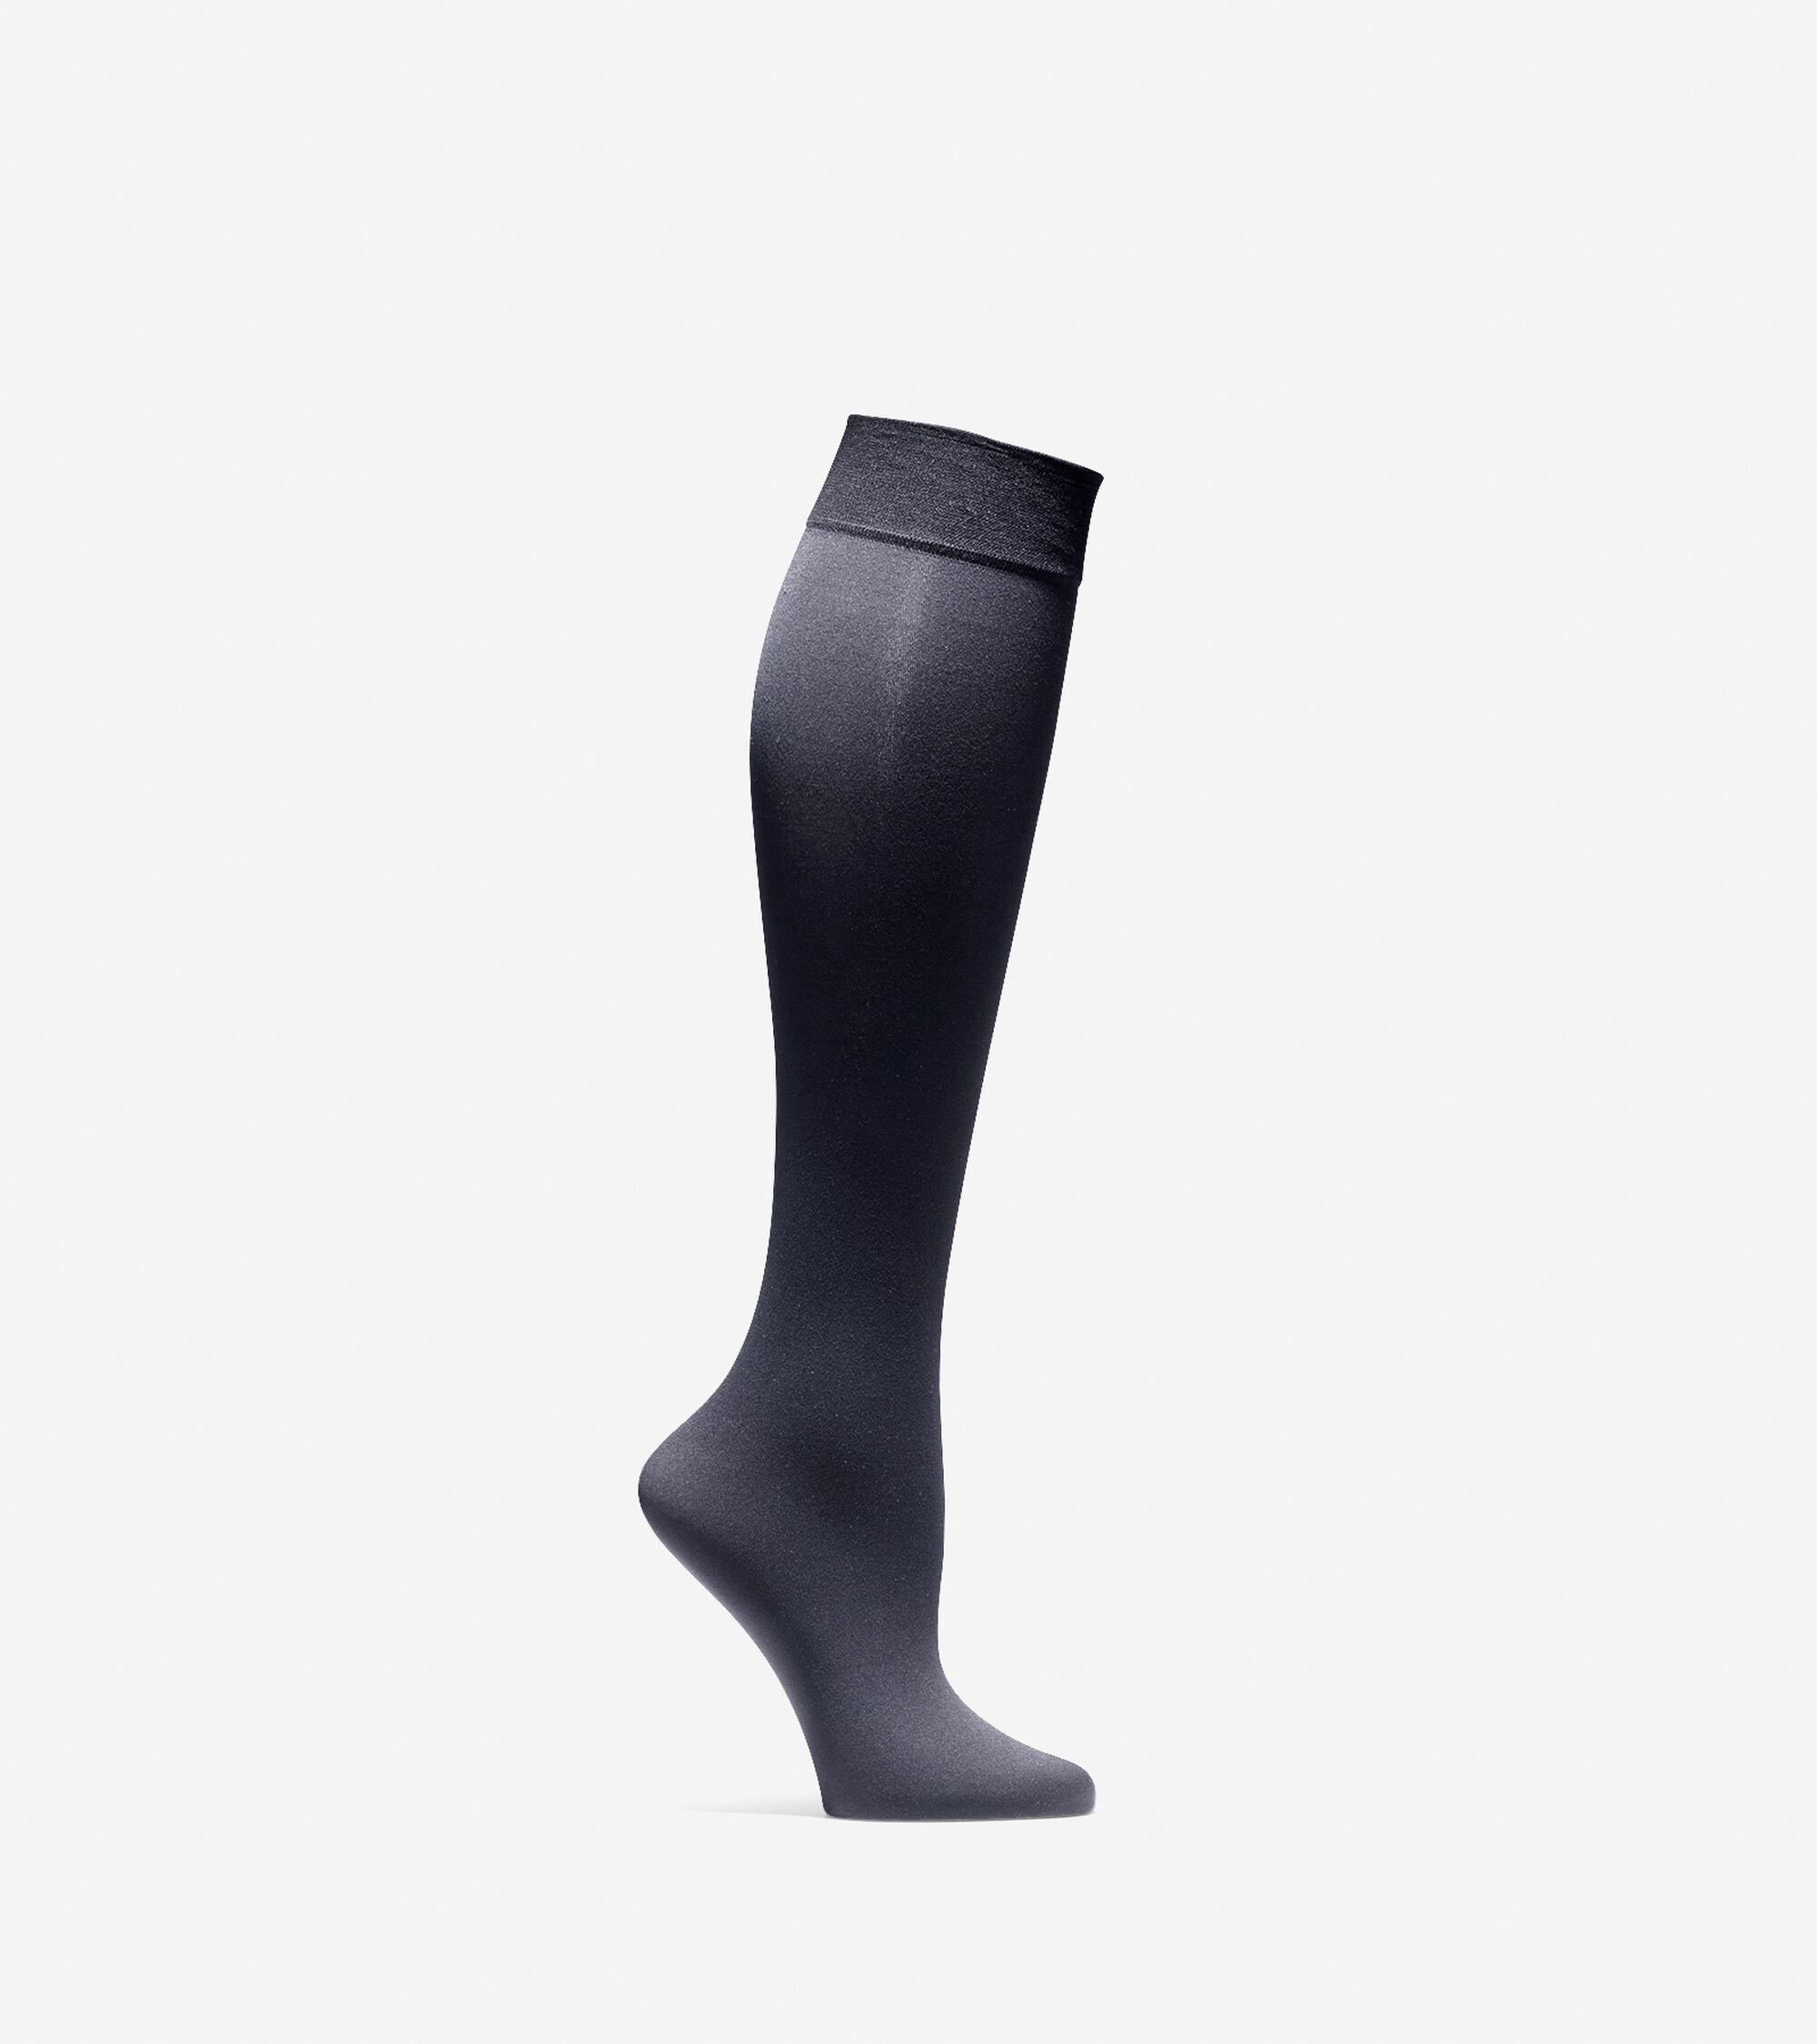 Accessories > Solid Knit Knee Socks